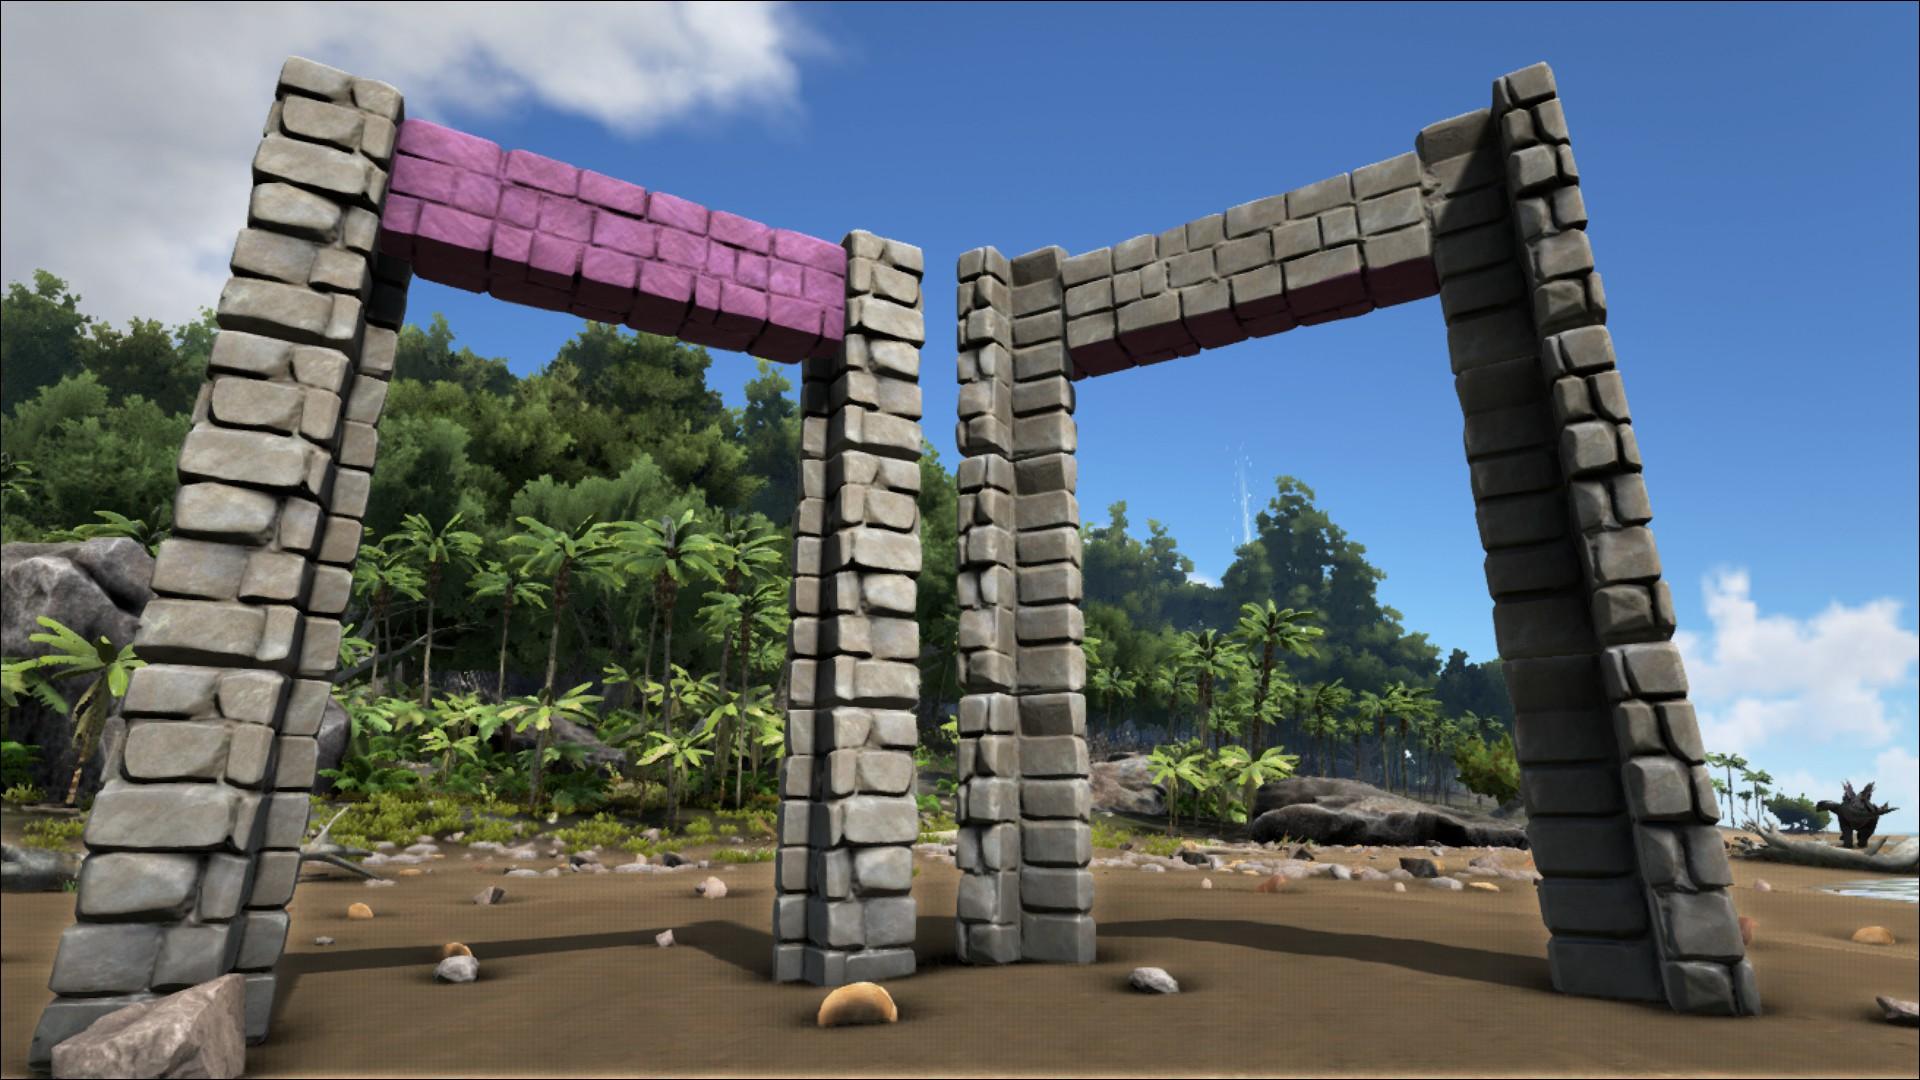 Stone Dinosaur Gateway - Official ARK: Survival Evolved Wiki